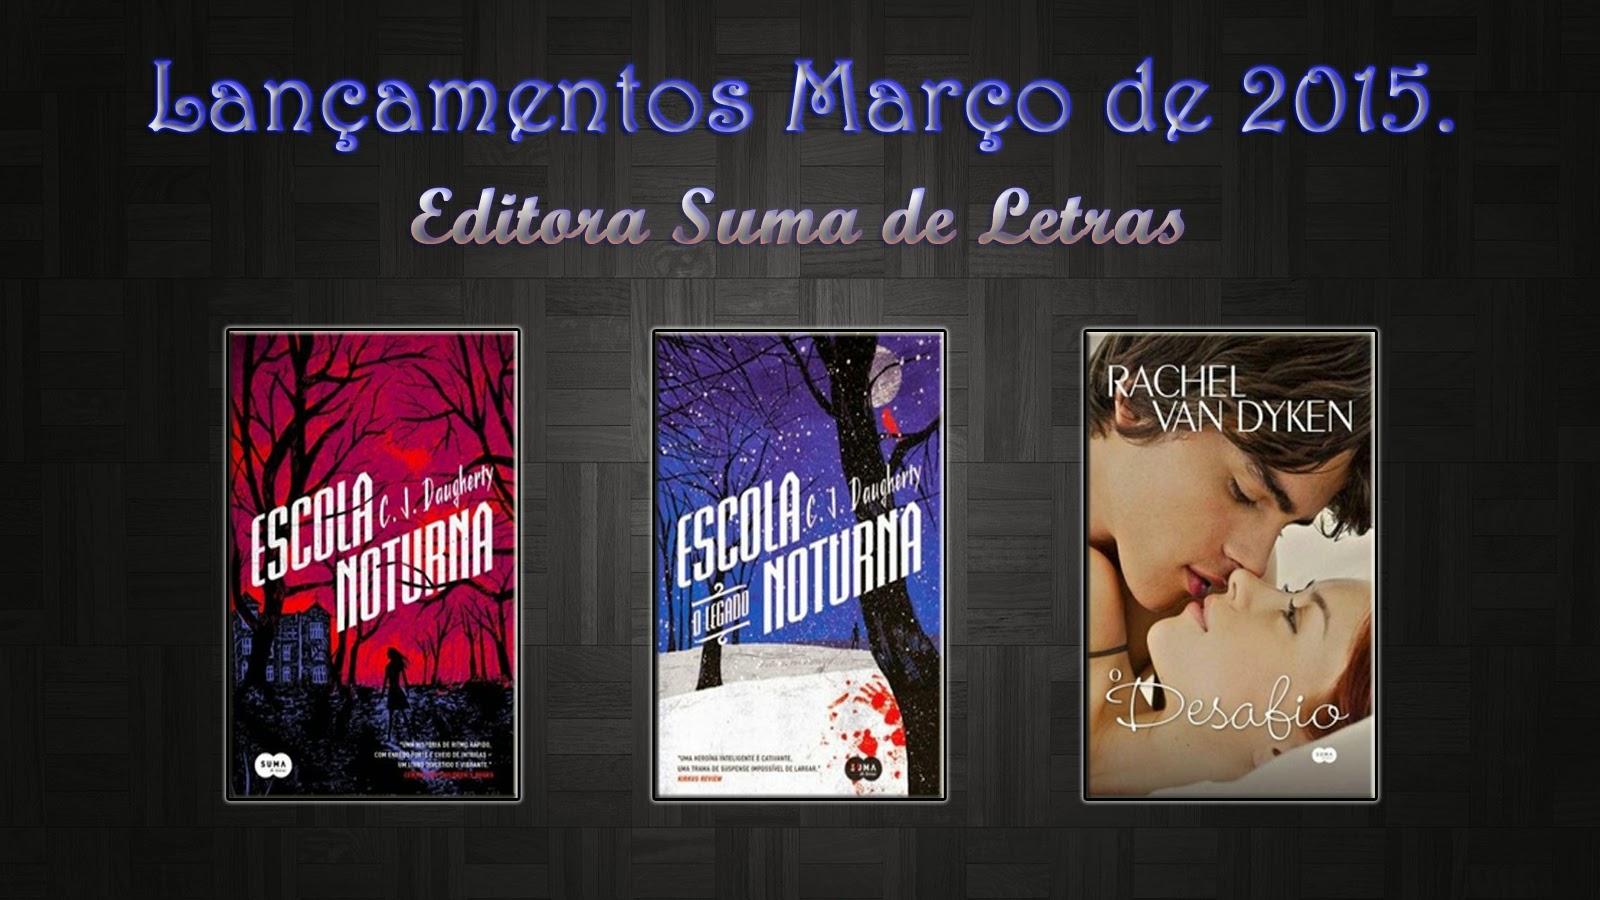 http://livrosetalgroup.blogspot.com.br/p/lancamentos-editora-suma-de-letras.html